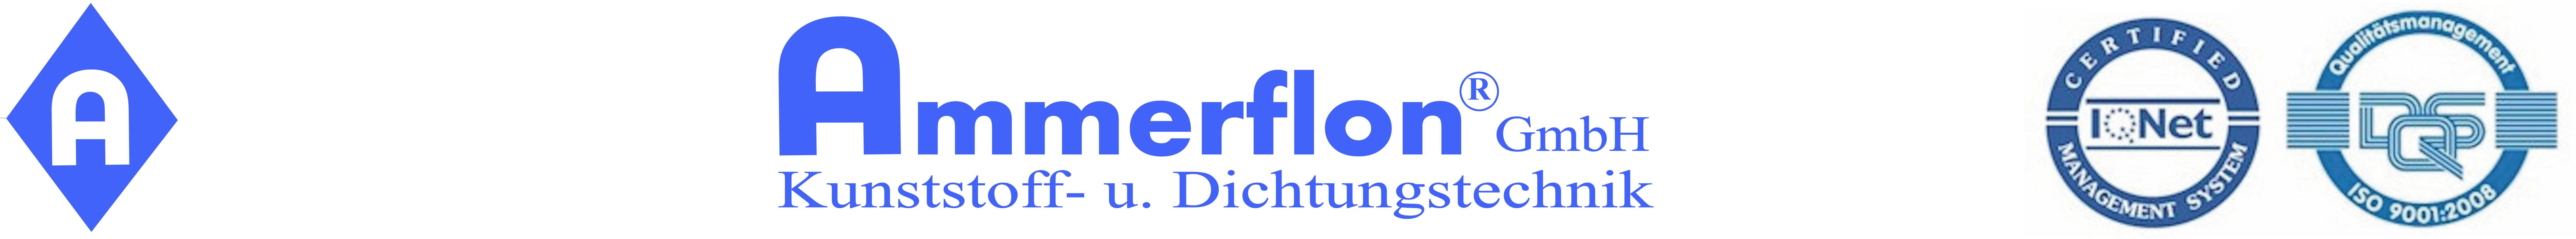 Ammerflon GmbH Kunststoff- u. Dichtungstechnik